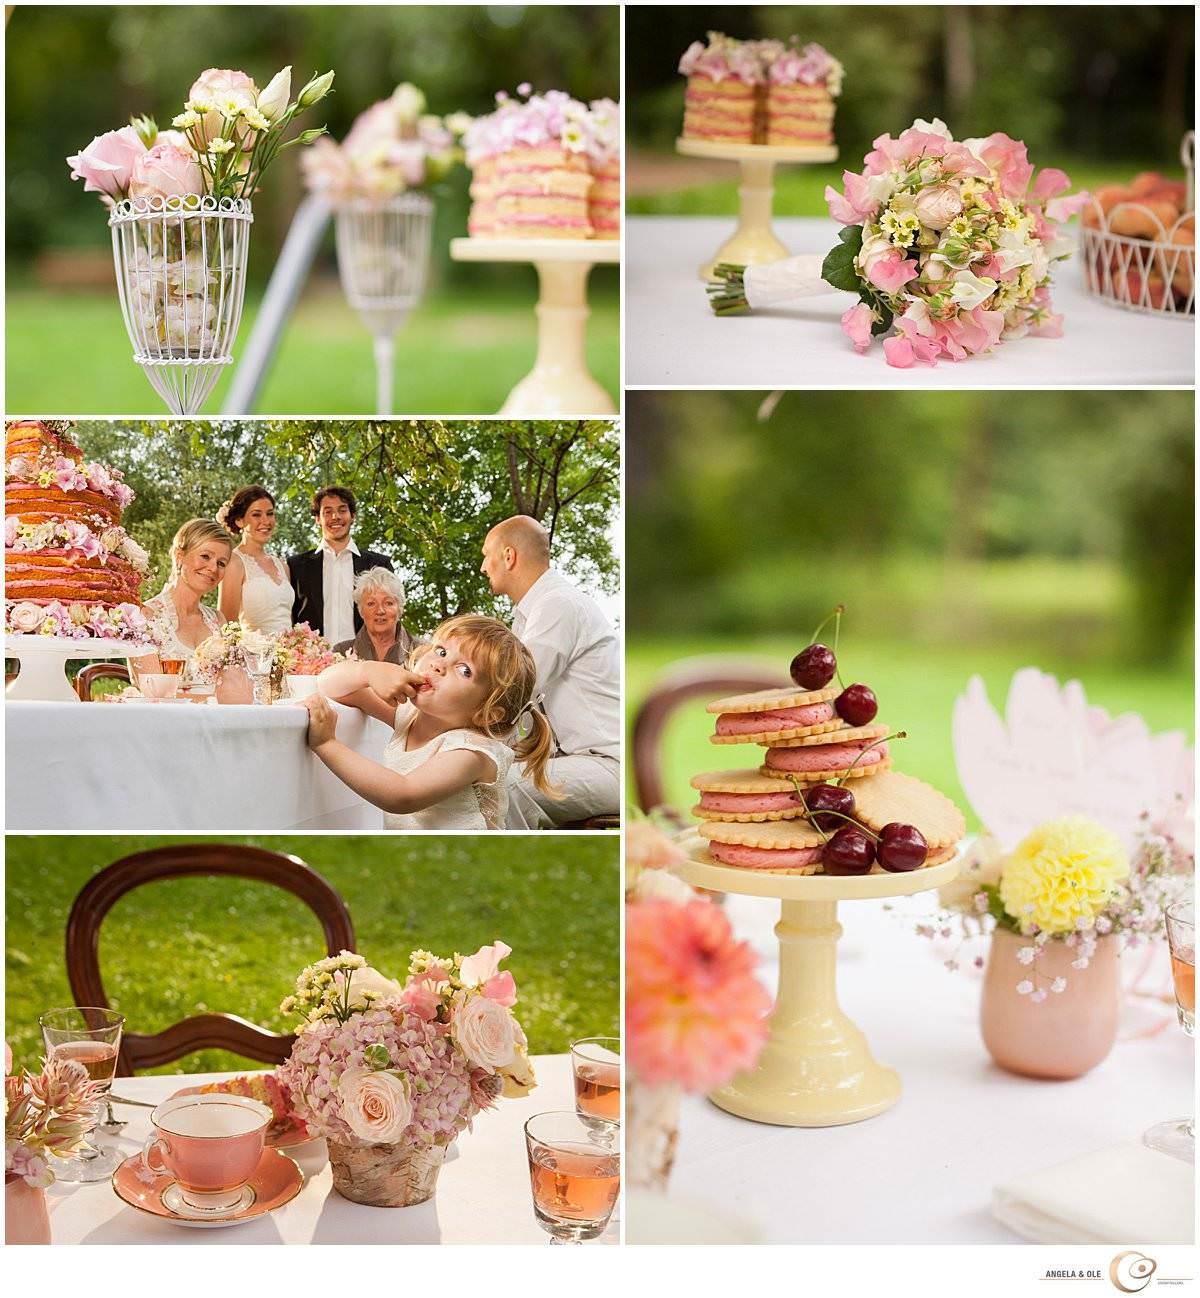 Inspirationsshoot Hochzeit Kaffeetafel